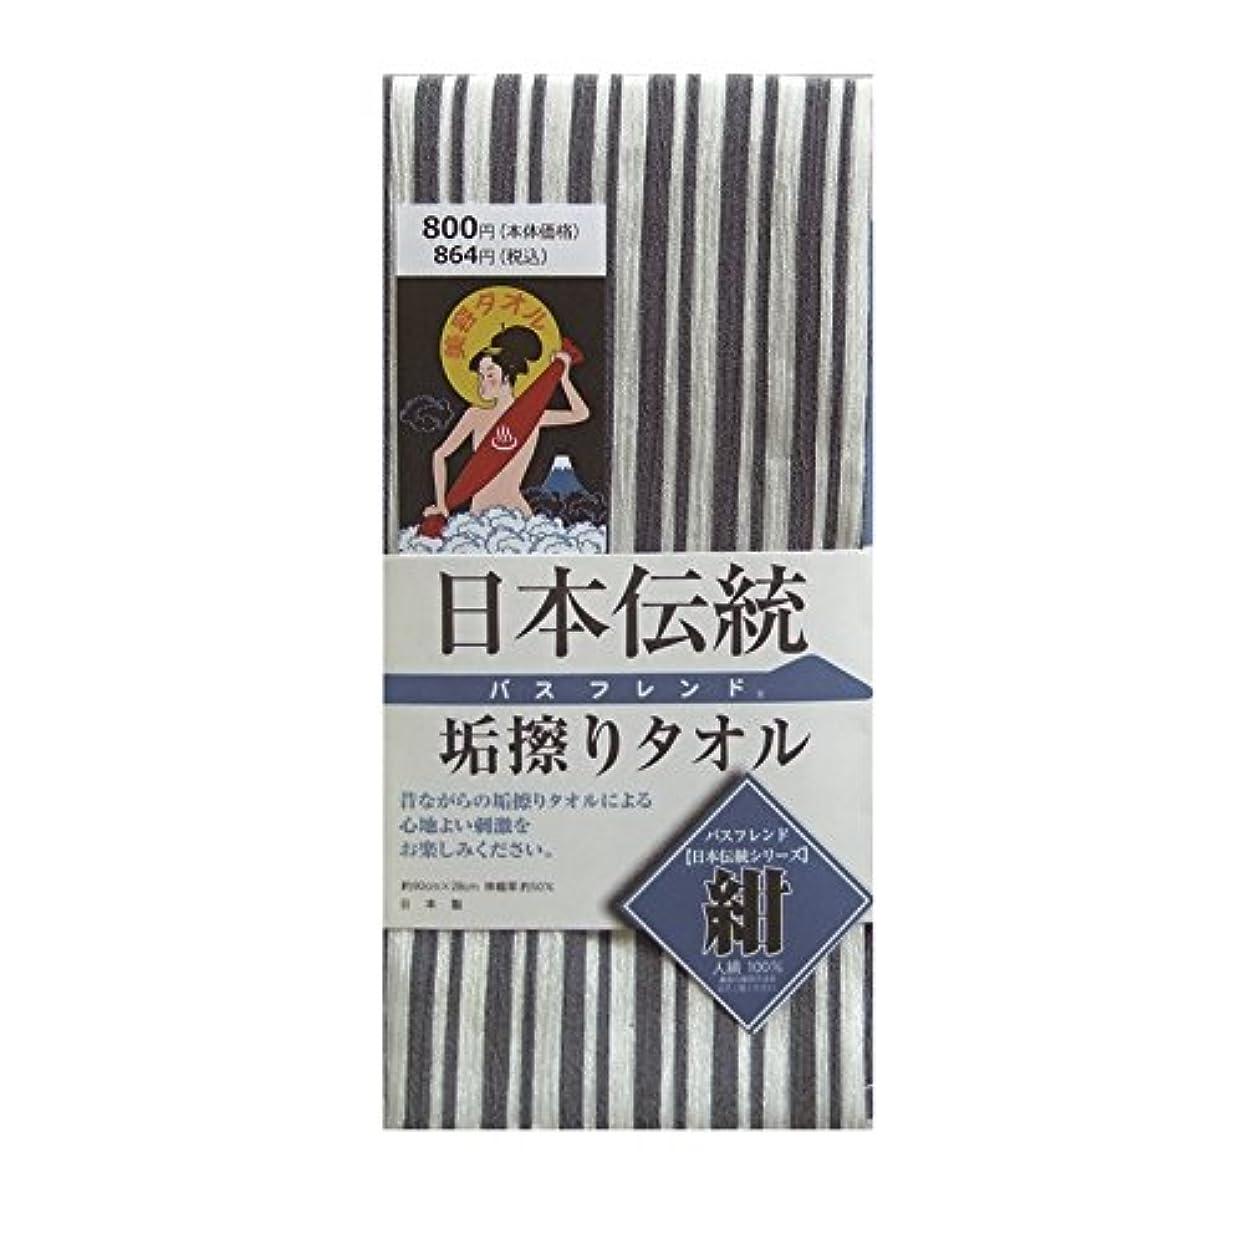 巨人マダム接ぎ木日本伝統 垢すりタオル 紺